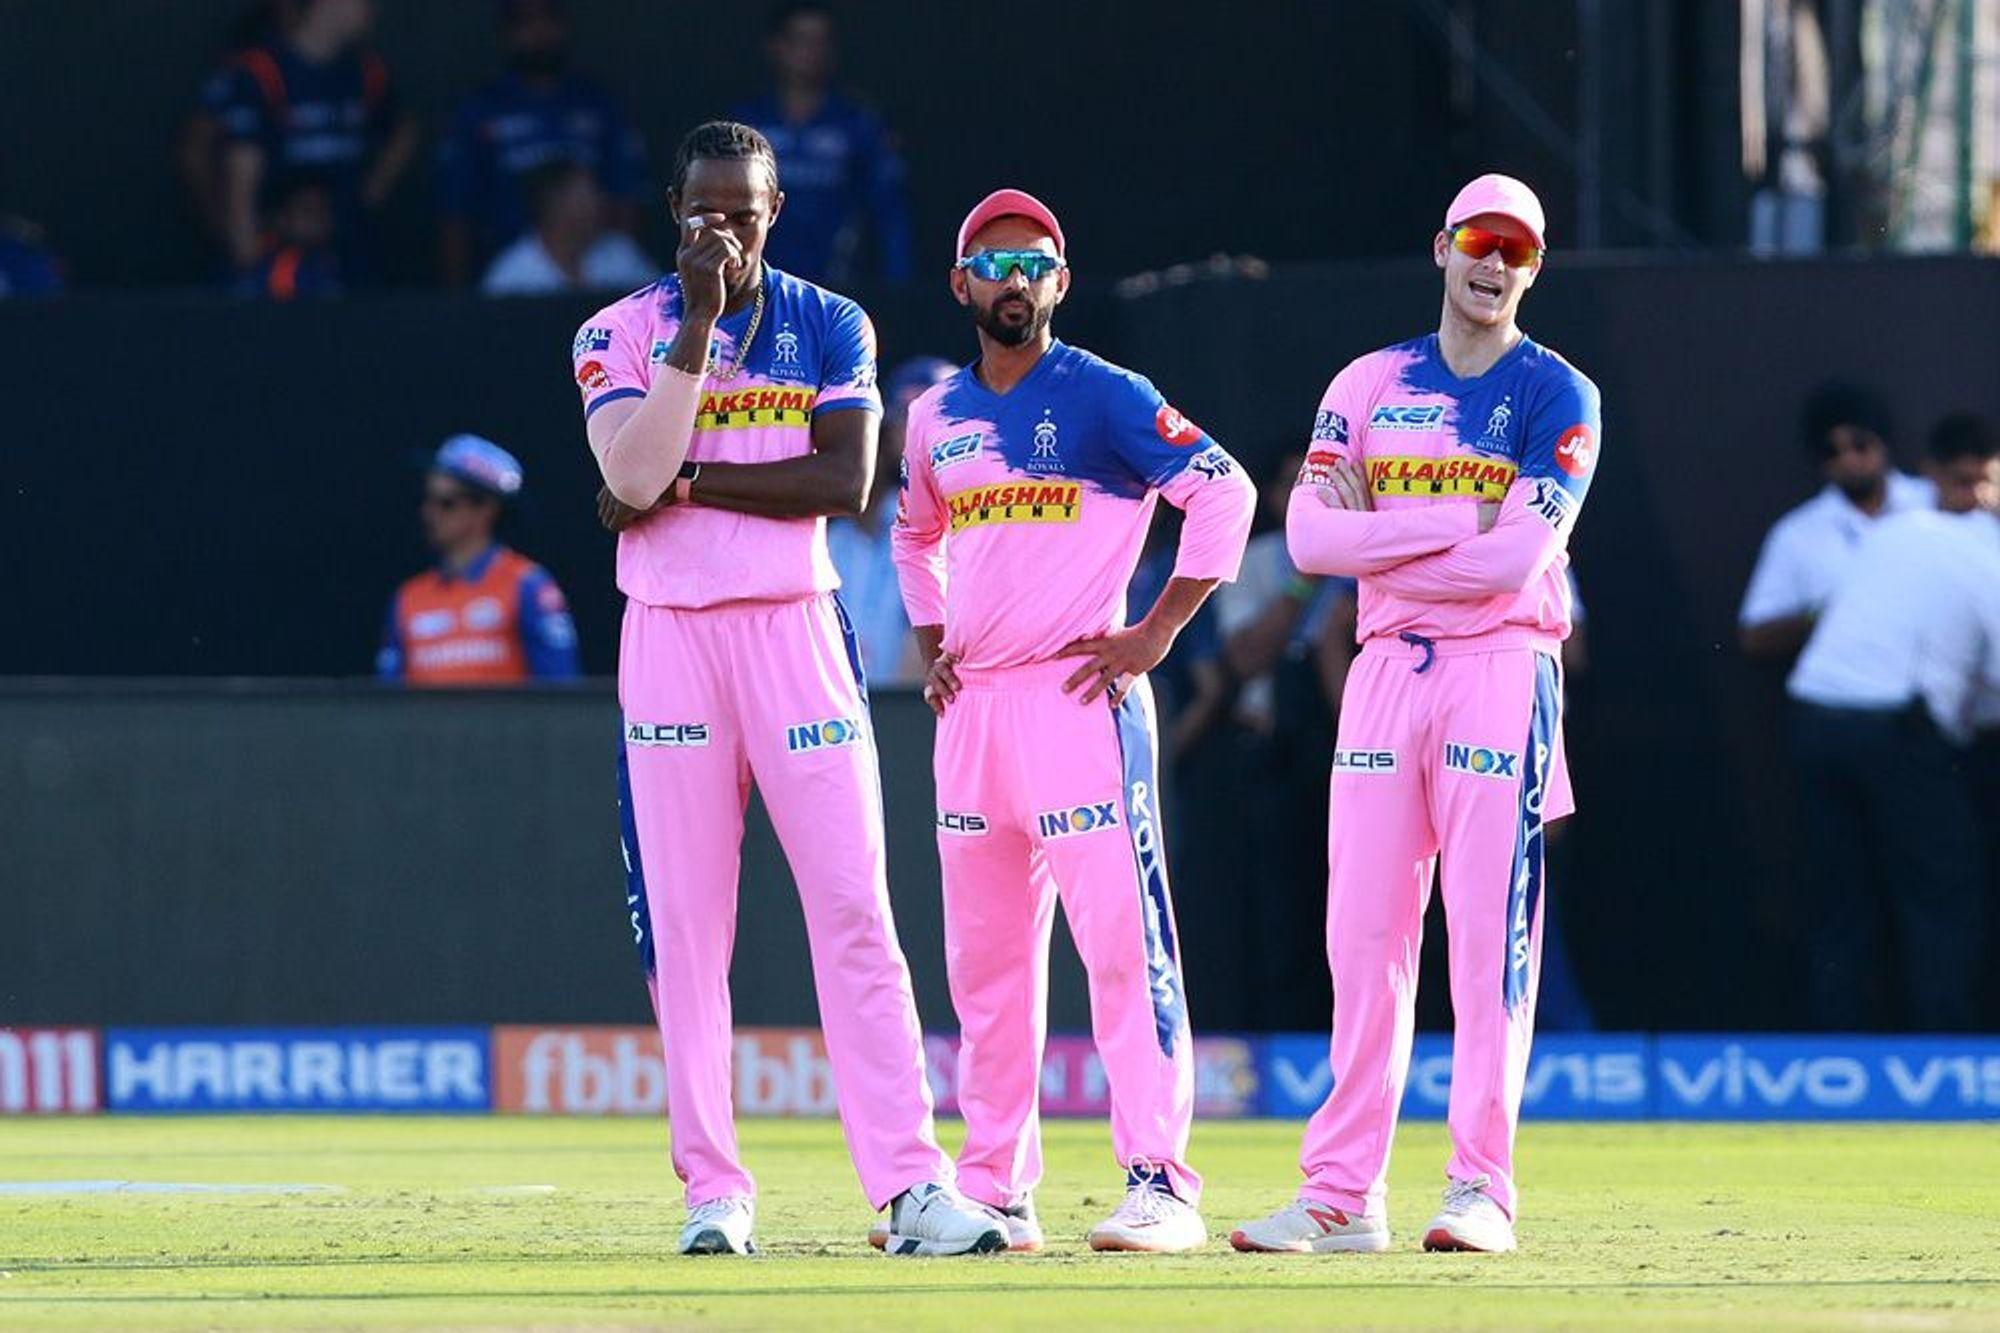 आईपीएल 2019 में एक एक रन के लिए तरस रहा हैं यह ऑस्ट्रेलियाई खिलाड़ी, भारत के खिलाफ रातोंरात बना था सुपरस्टार 5